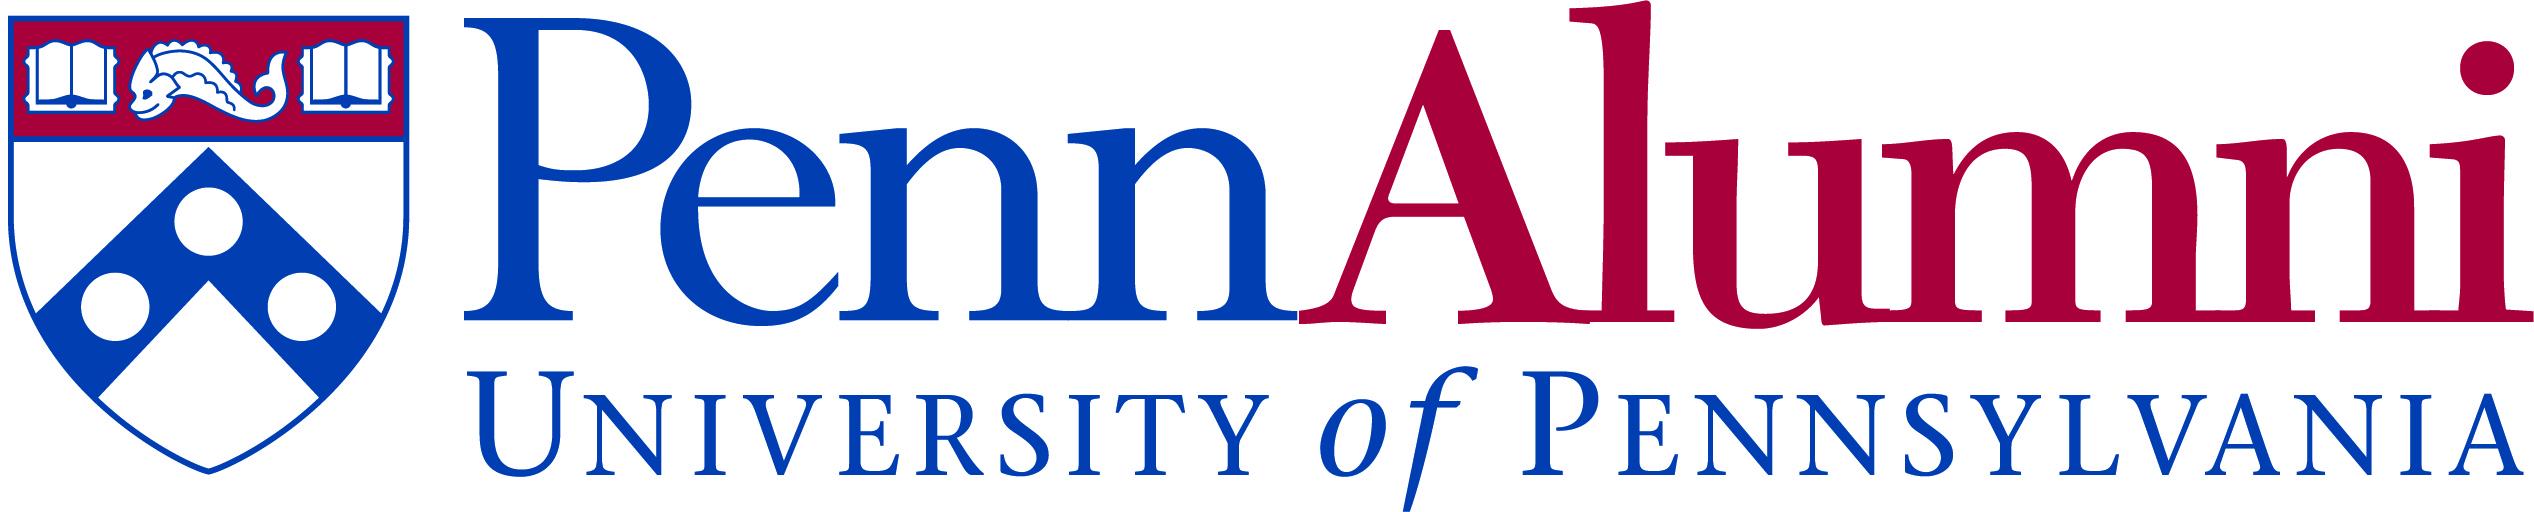 Penn Alumni